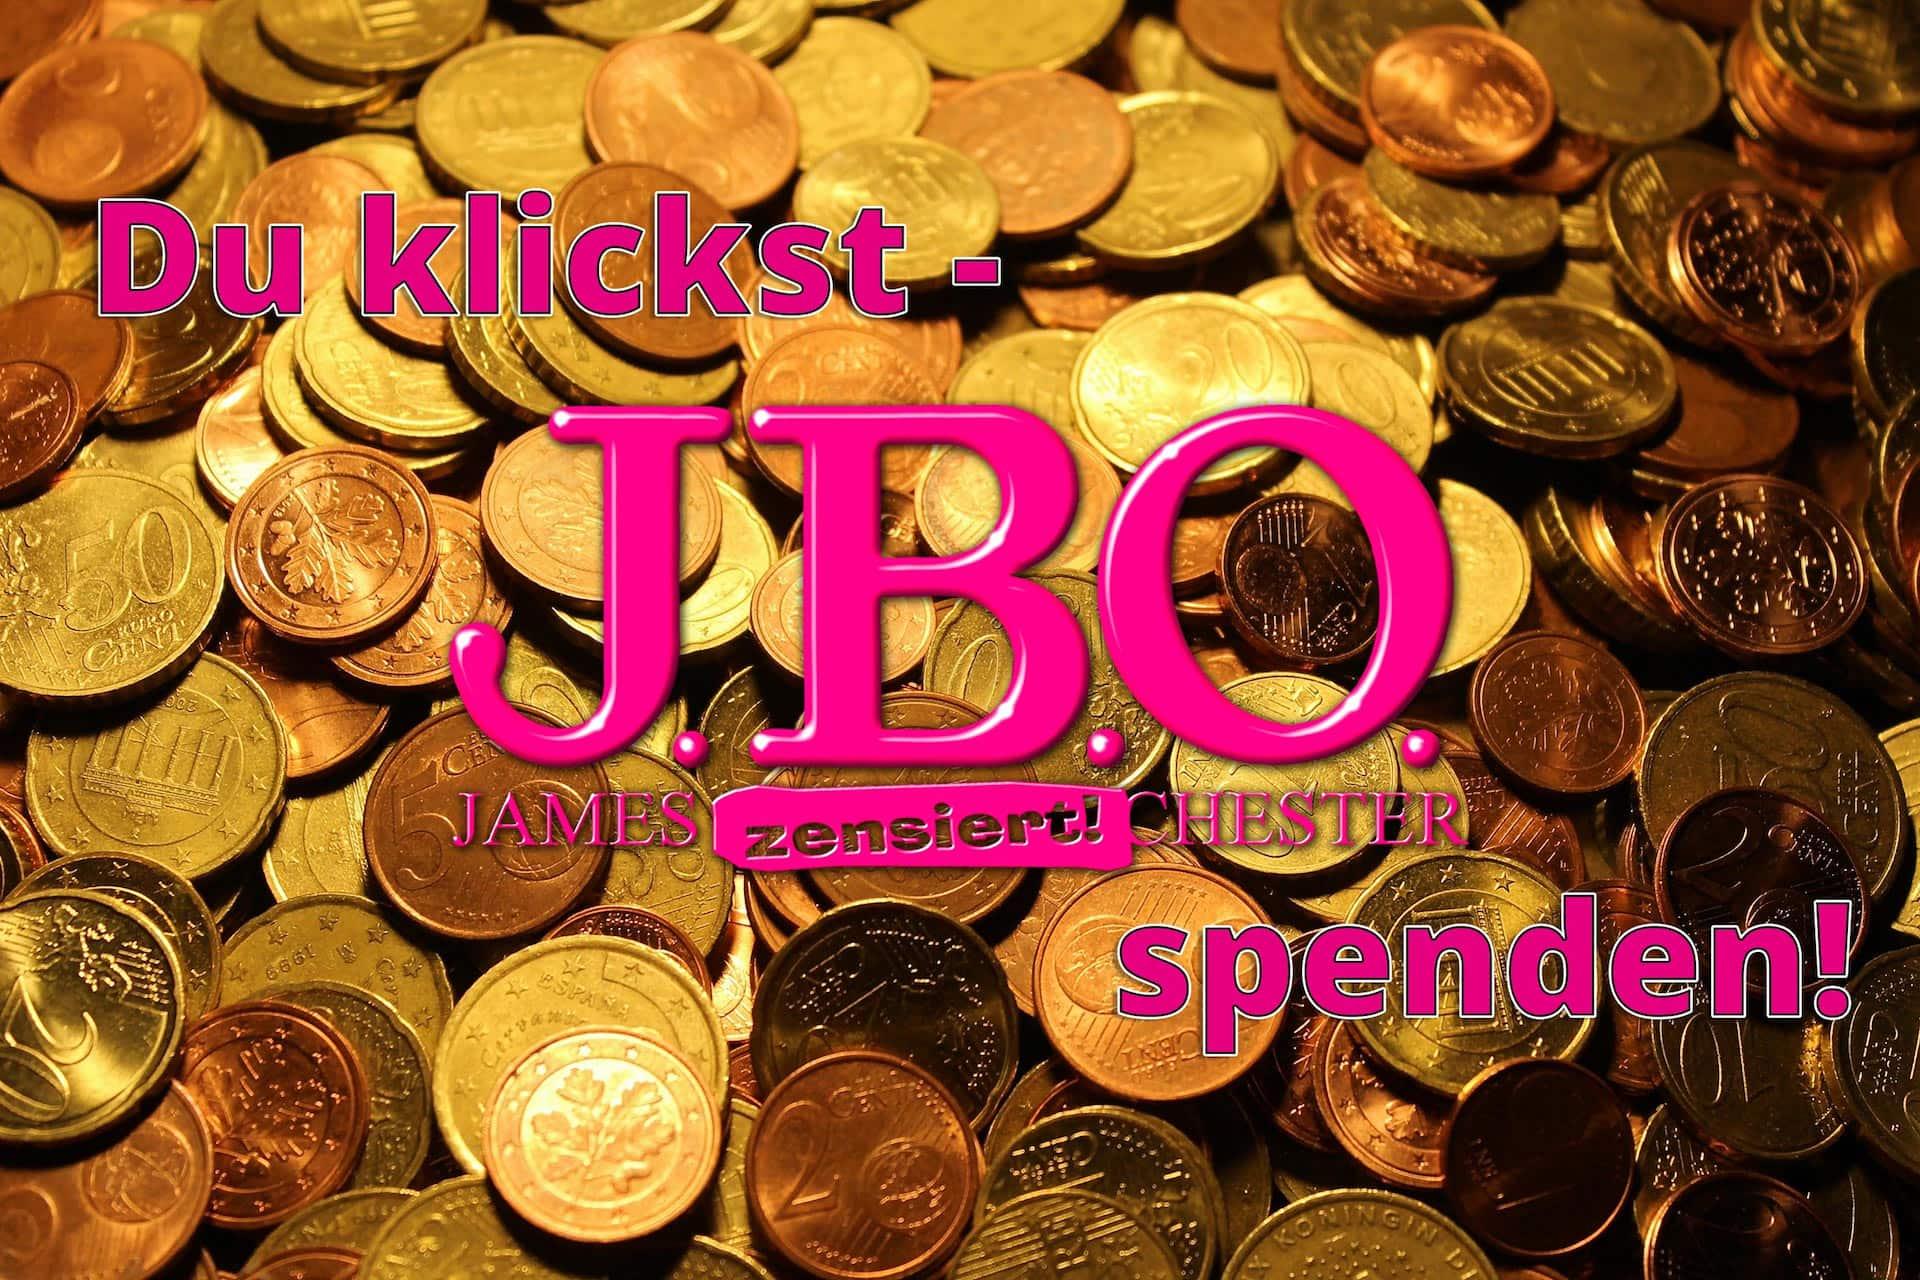 Du klickst - J.B.O. spenden!